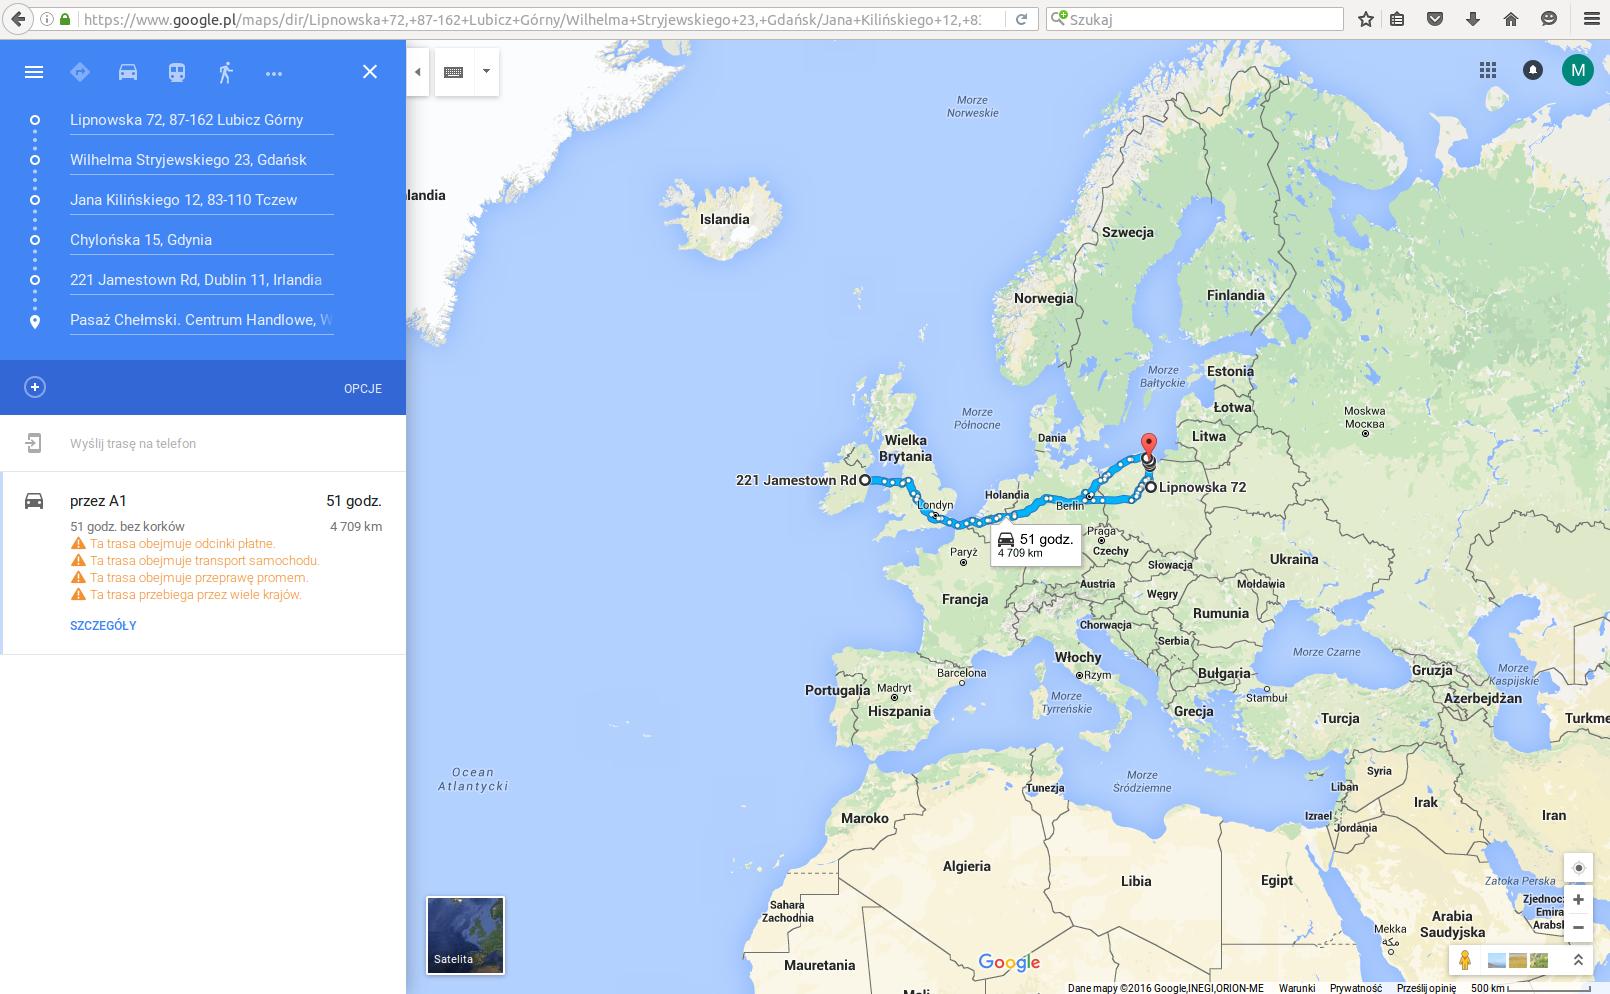 mapa_po_kliku